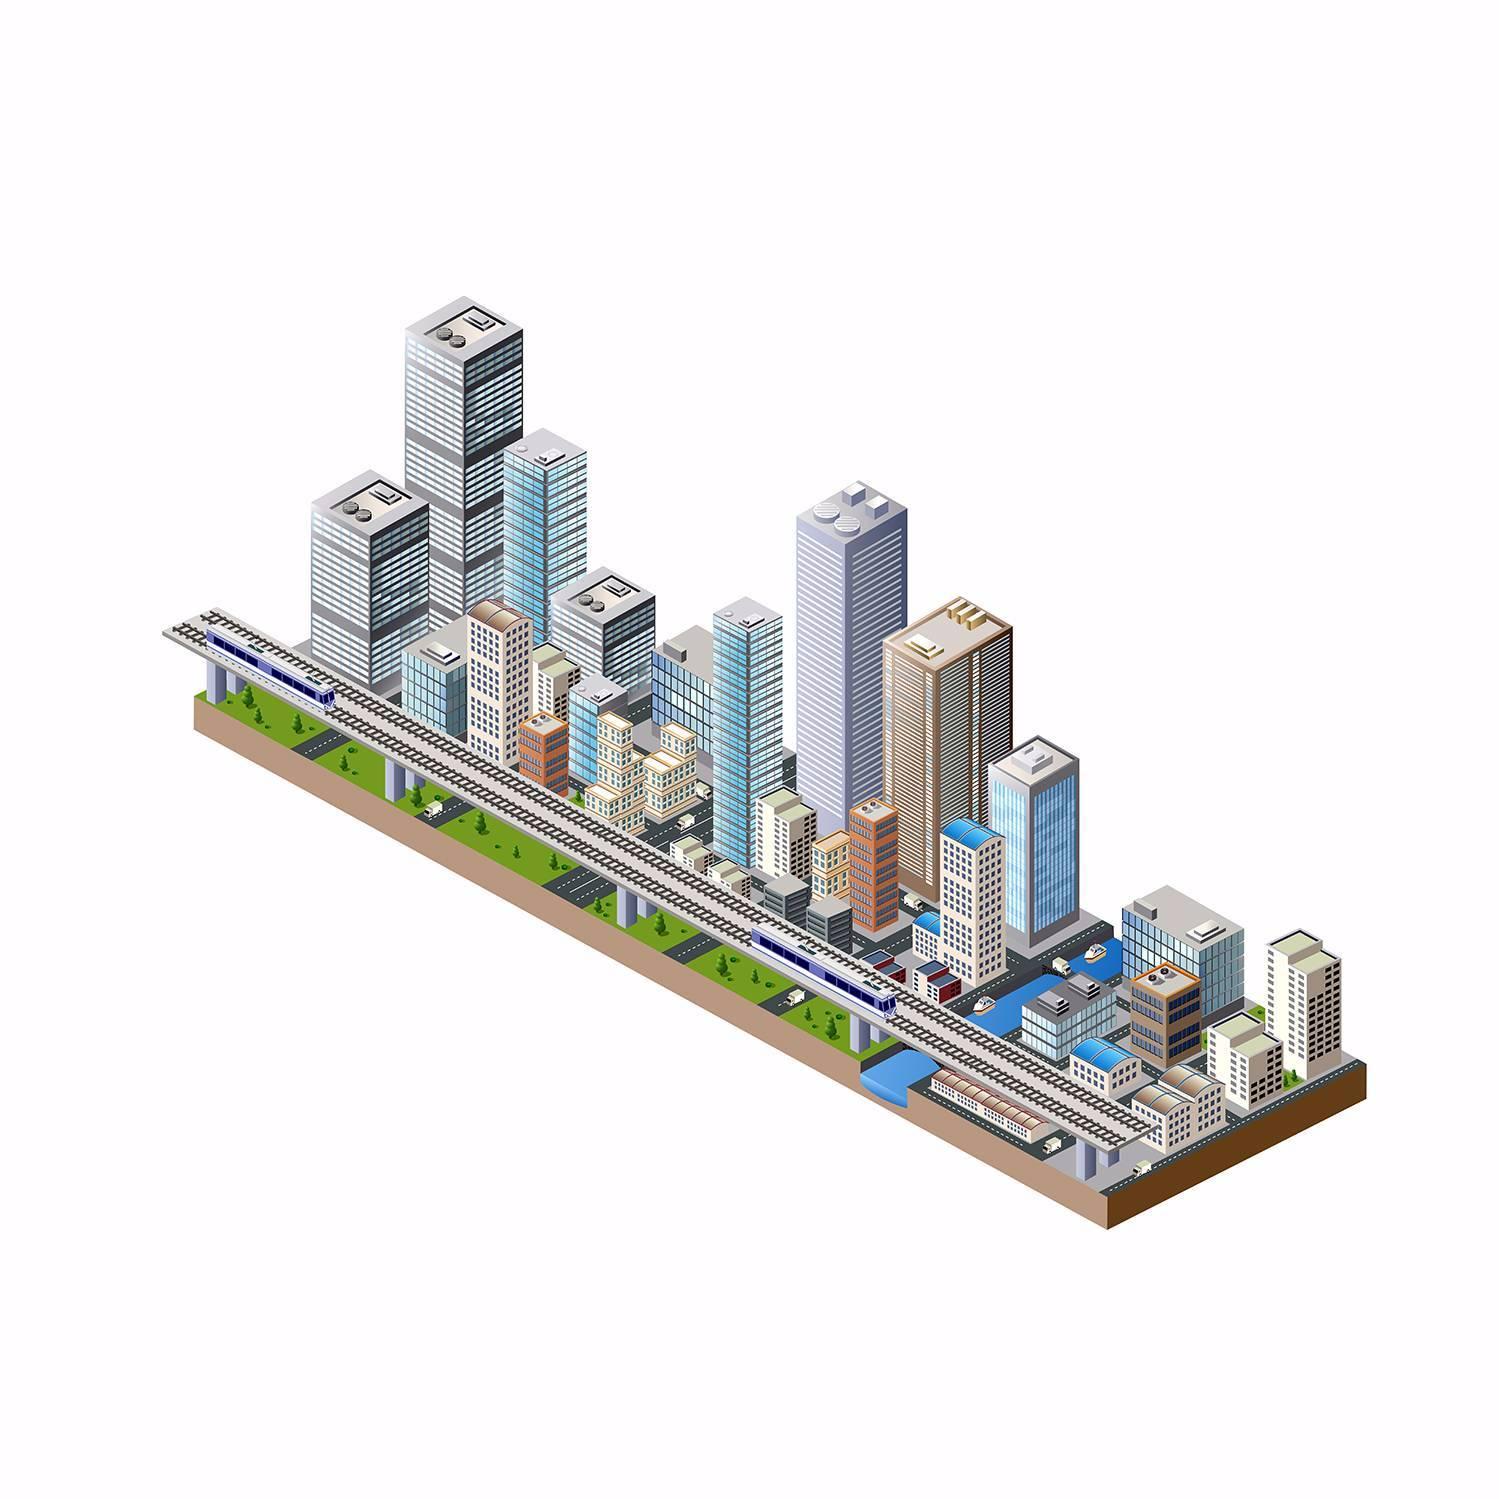 卡通城市建筑